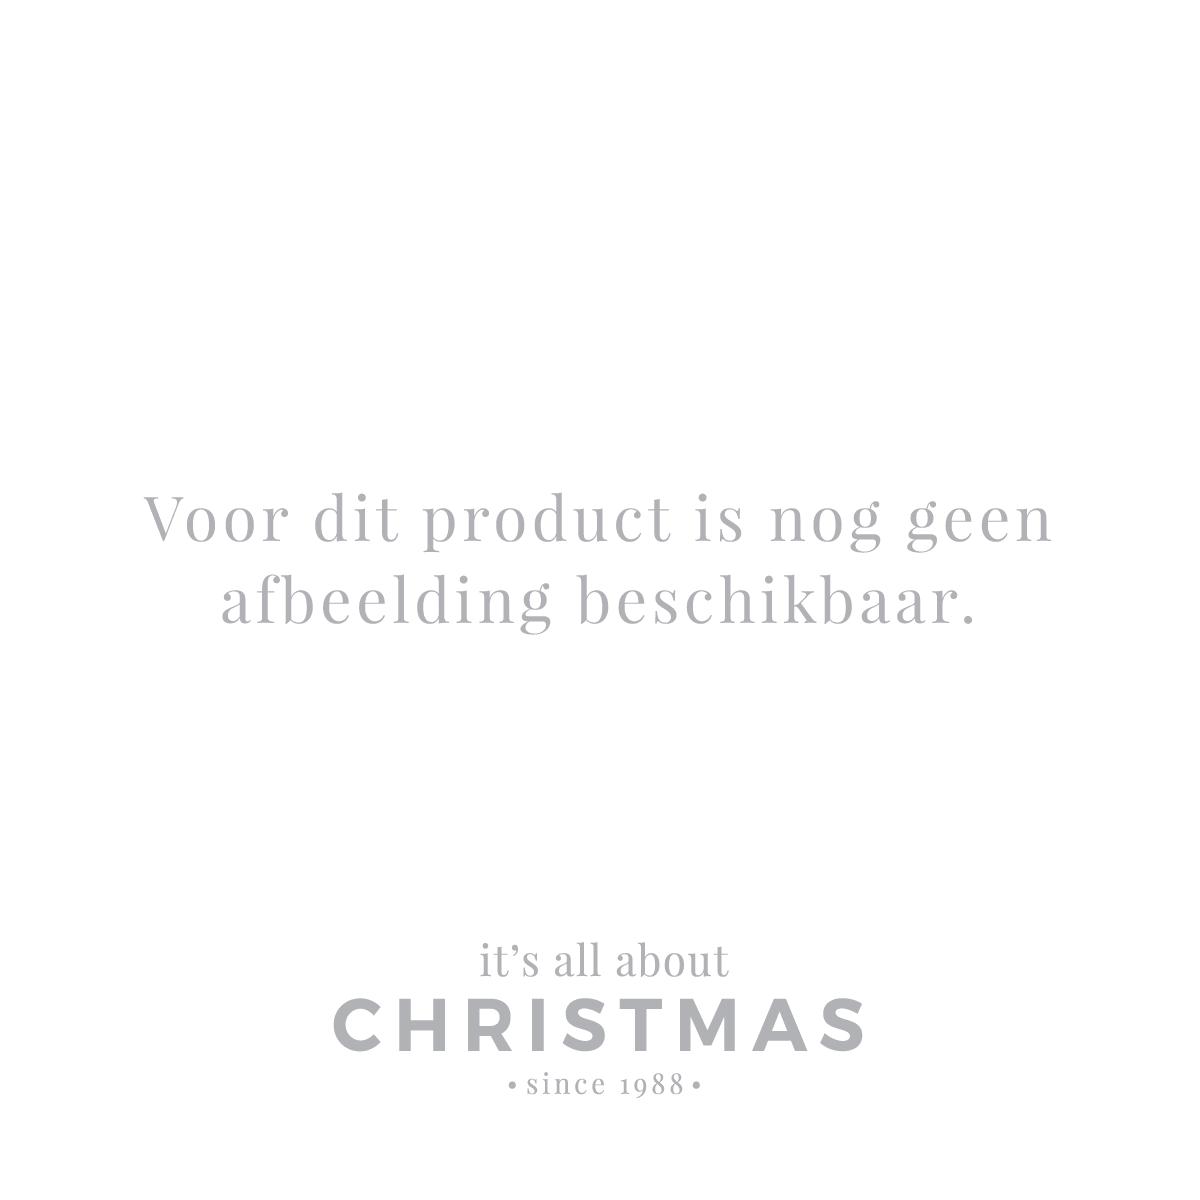 Box Christbaumkugeln.44 Plastik Christbaumkugeln Kupfer In Box It S All About Christmas